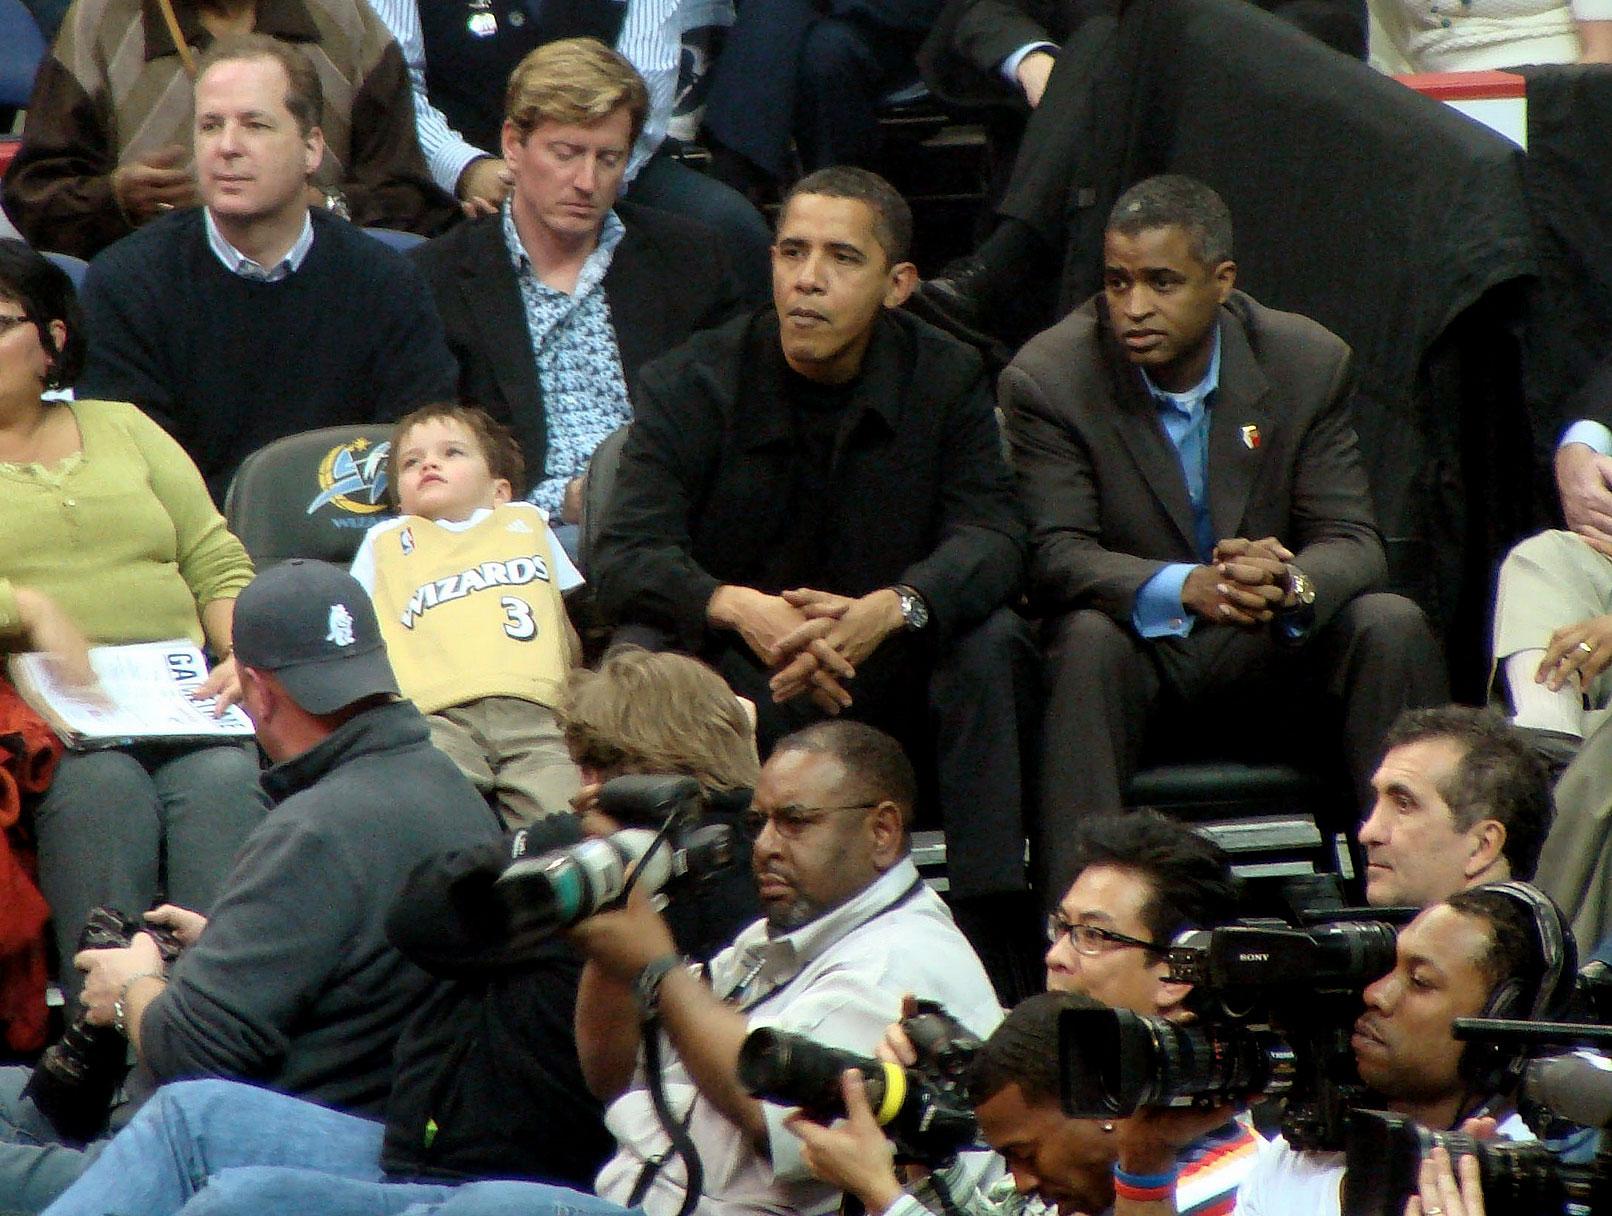 Obama: He Got Next